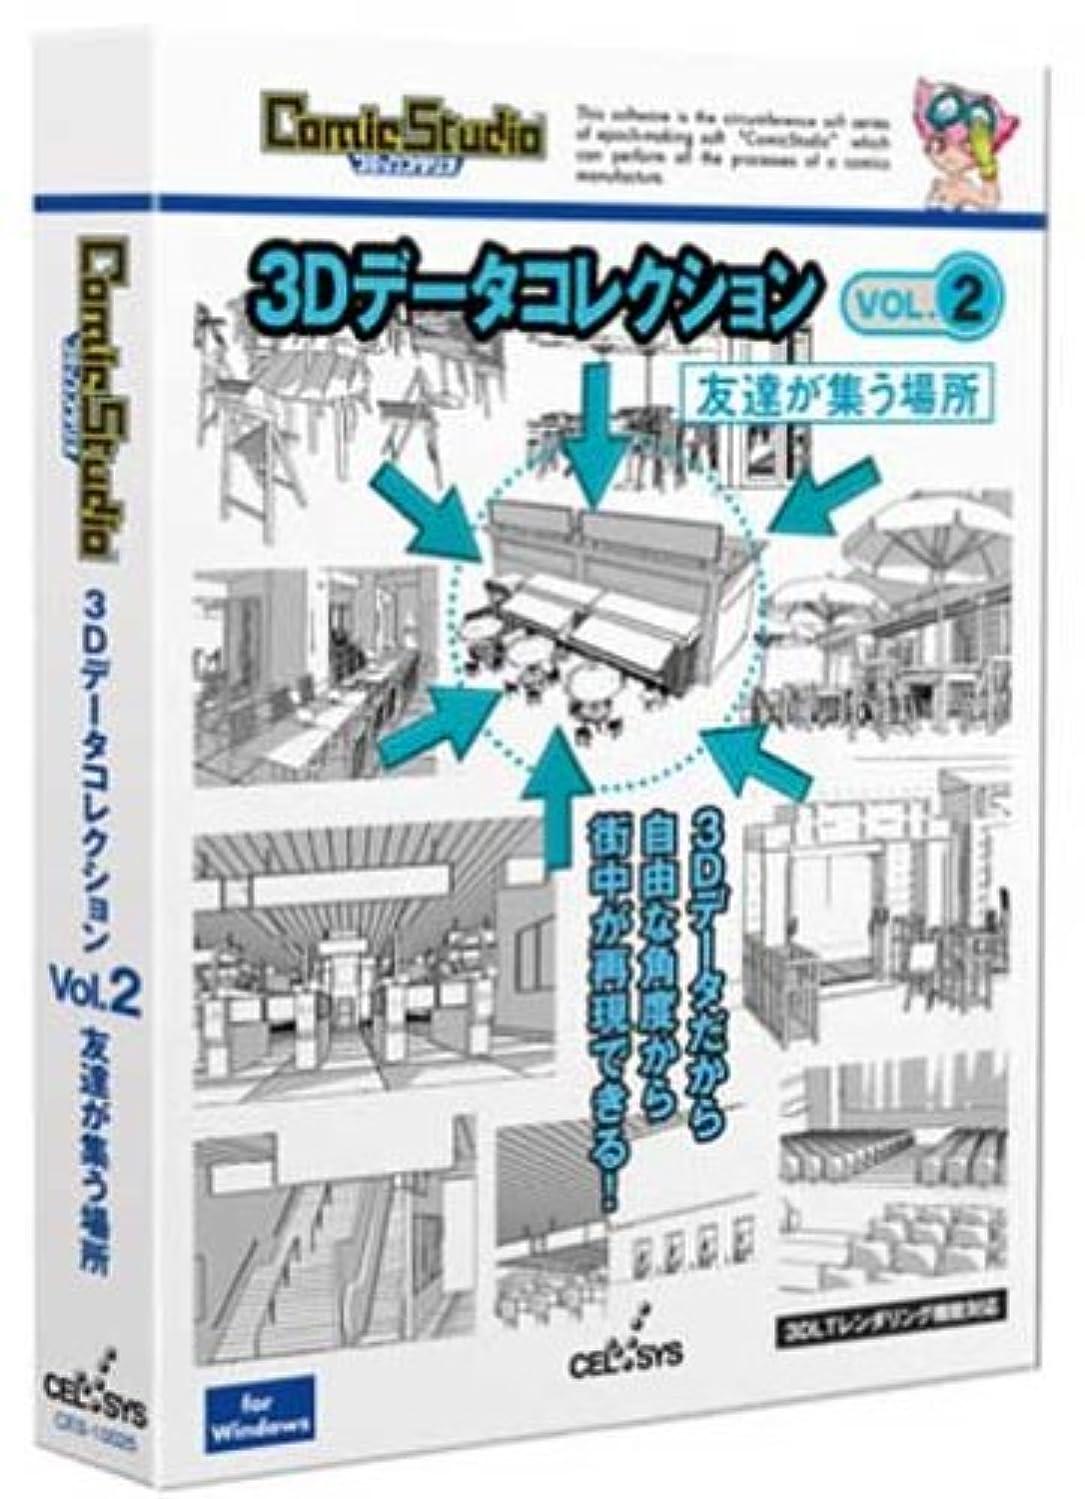 祈るロマンチック所有権ComicStudio 3Dデータコレクション Vol.2 友達が集う場所